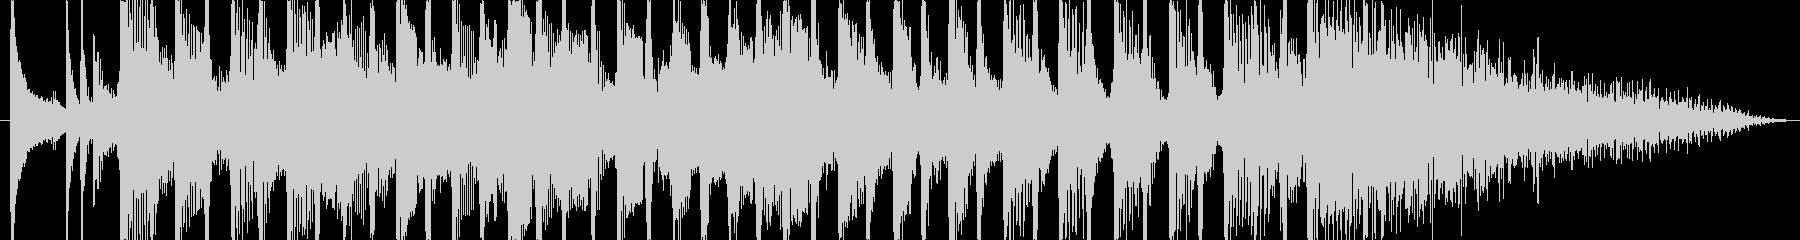 軽快なディスコ風の登場時のジングルの未再生の波形